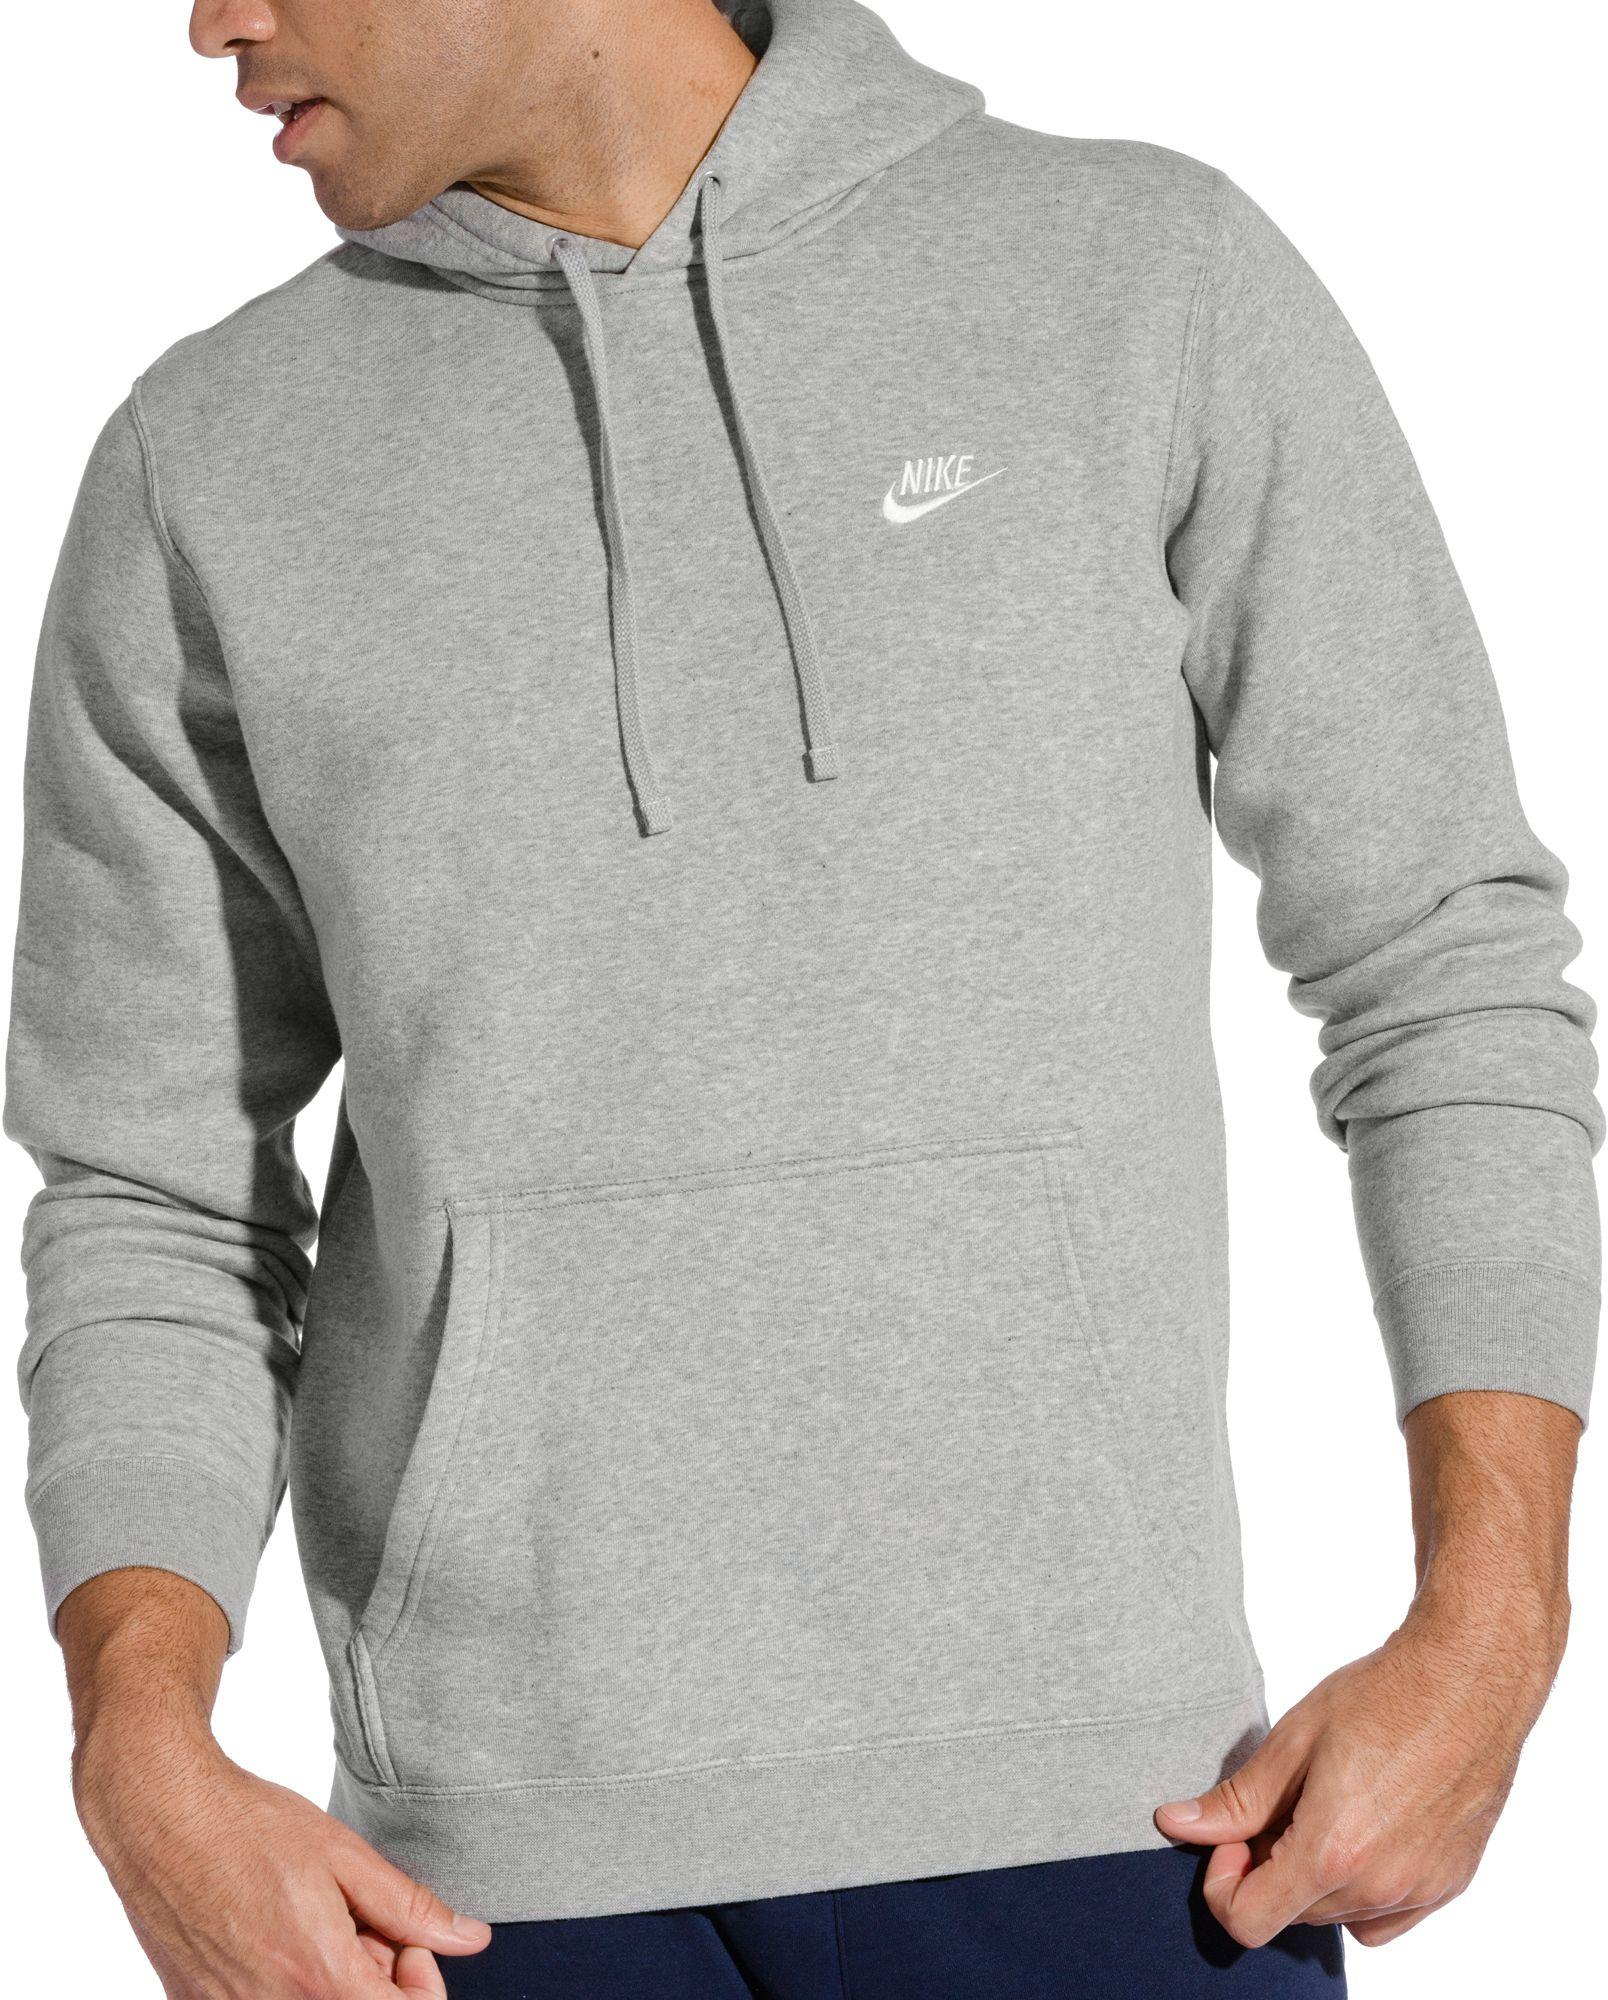 nike fleece overhead hoodie